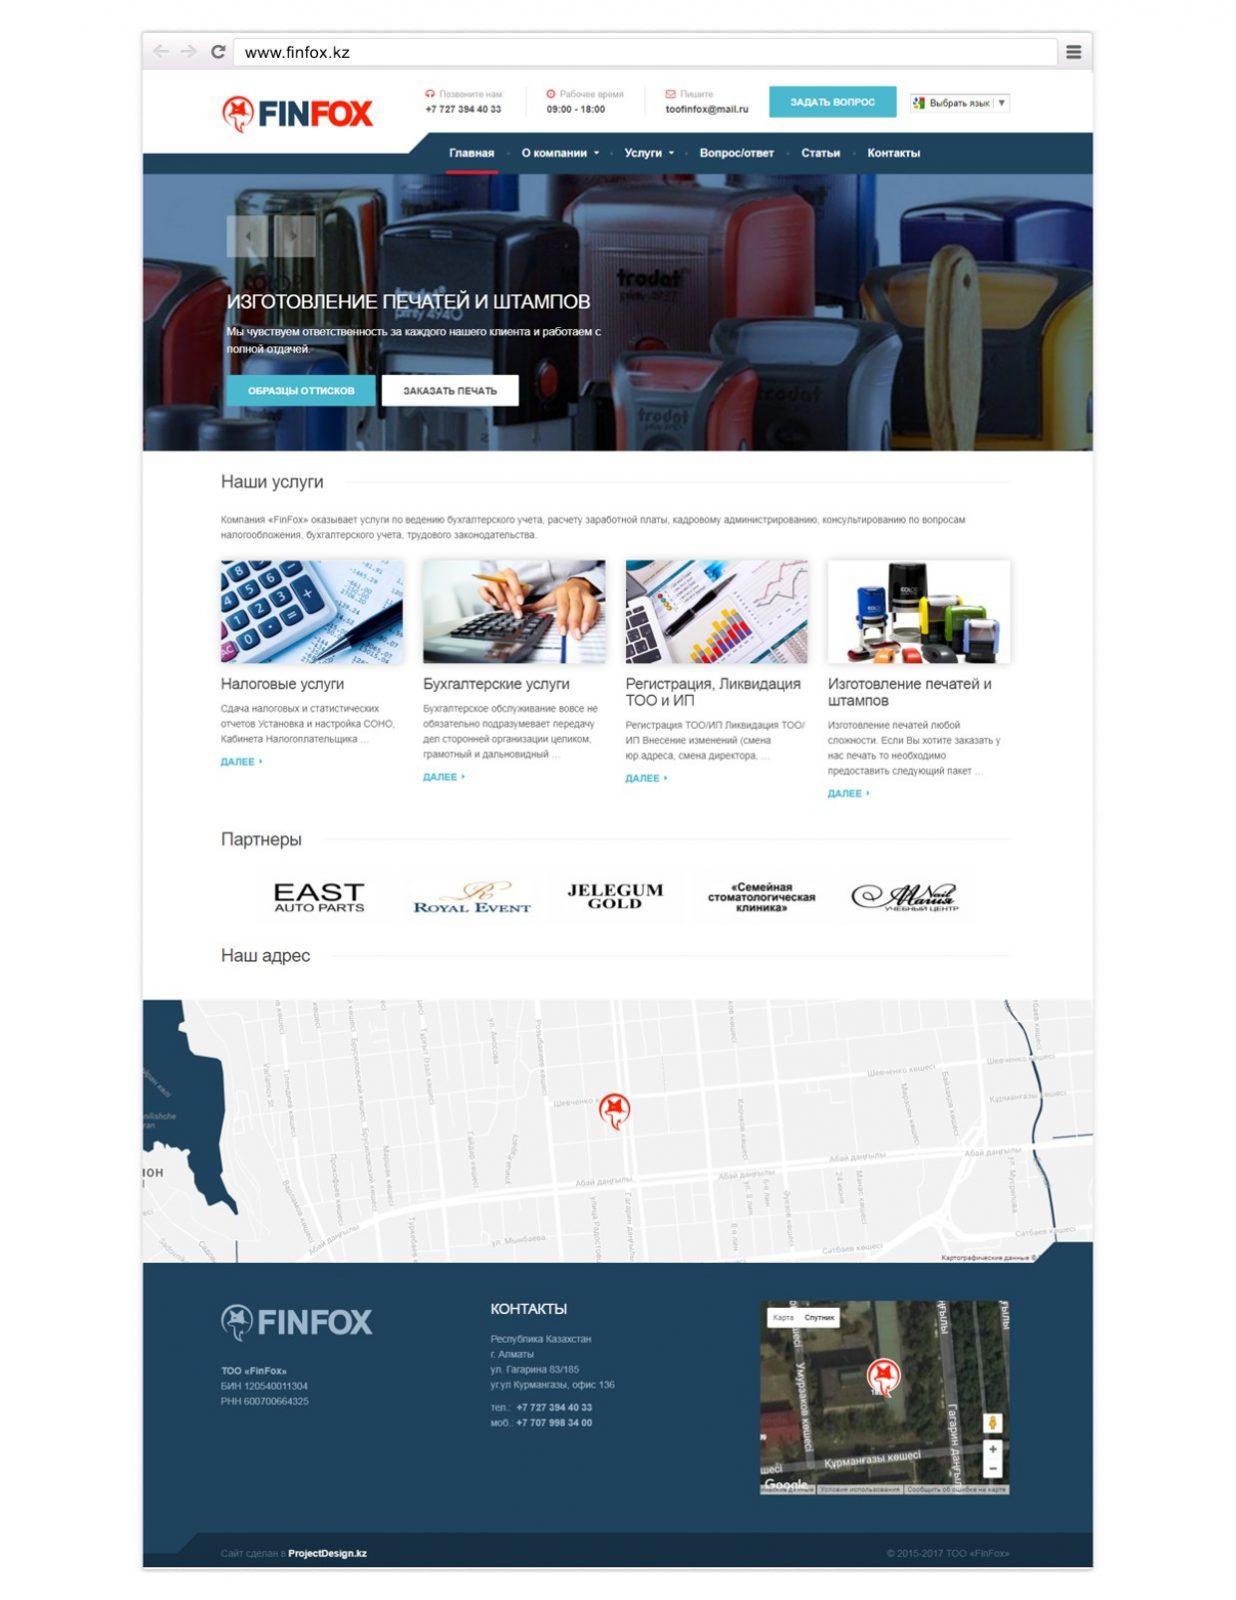 разработка сайта для бухгалтерской компании в Алматы